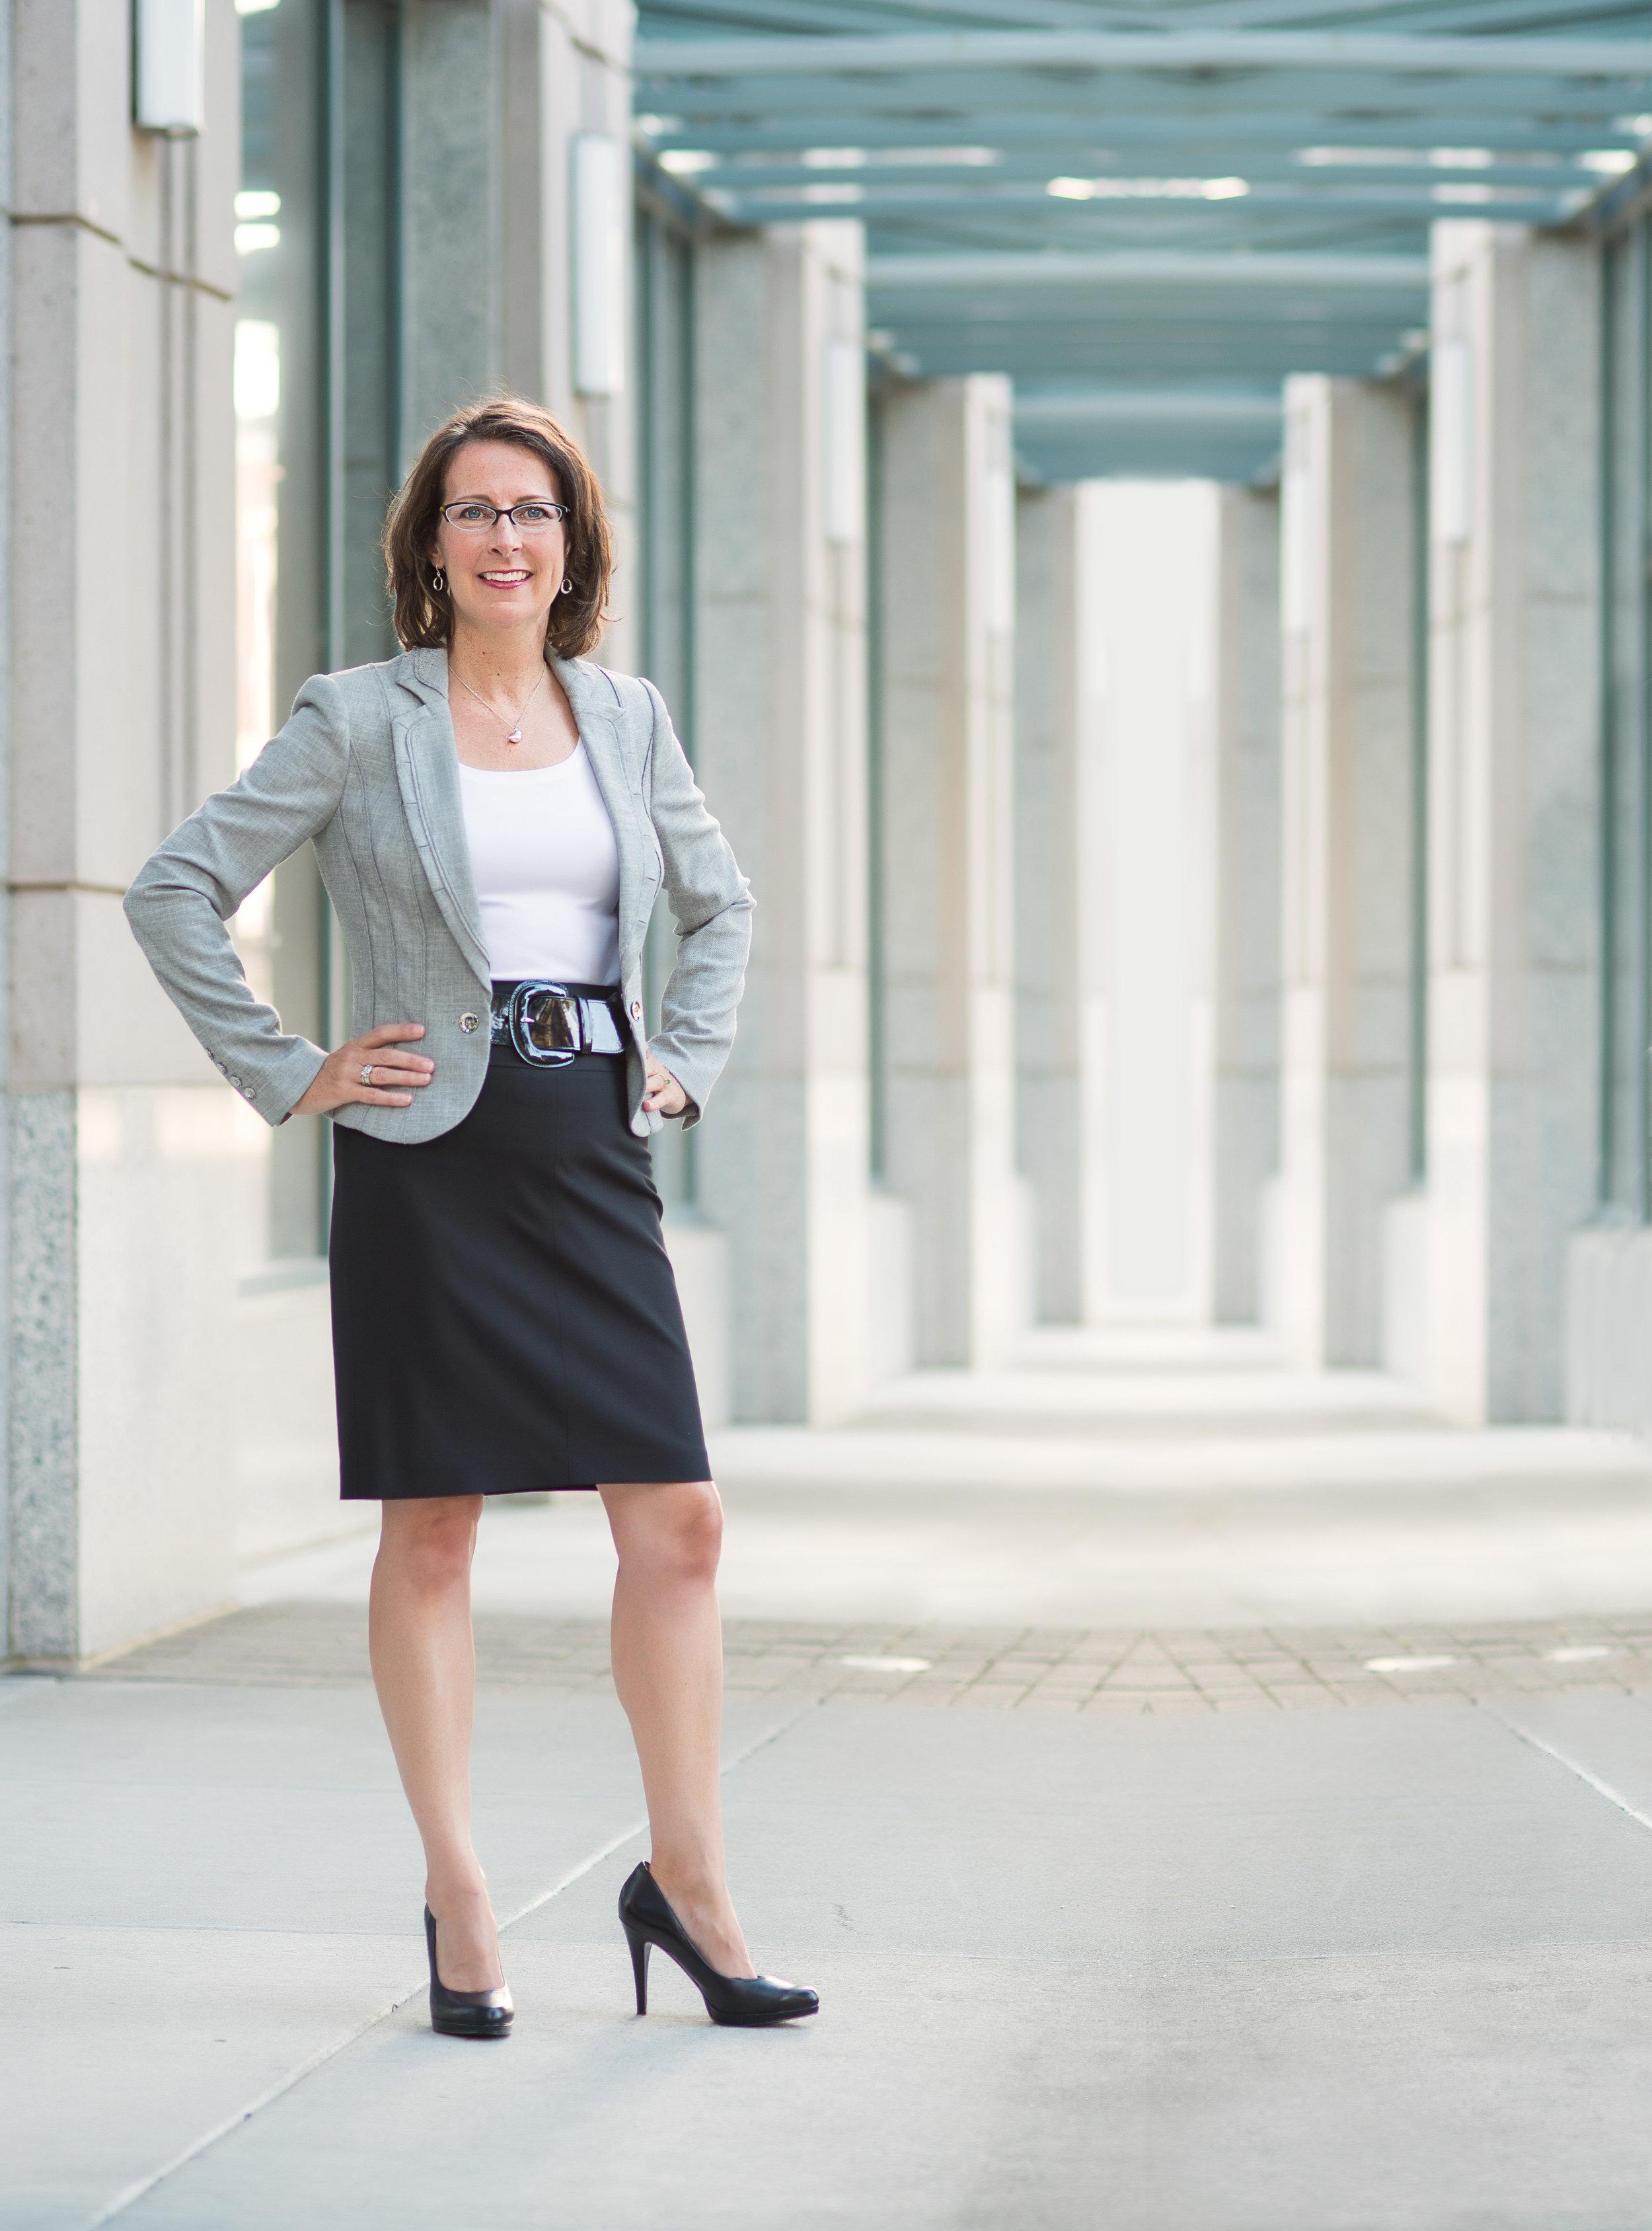 Kelli Gizzi, principal